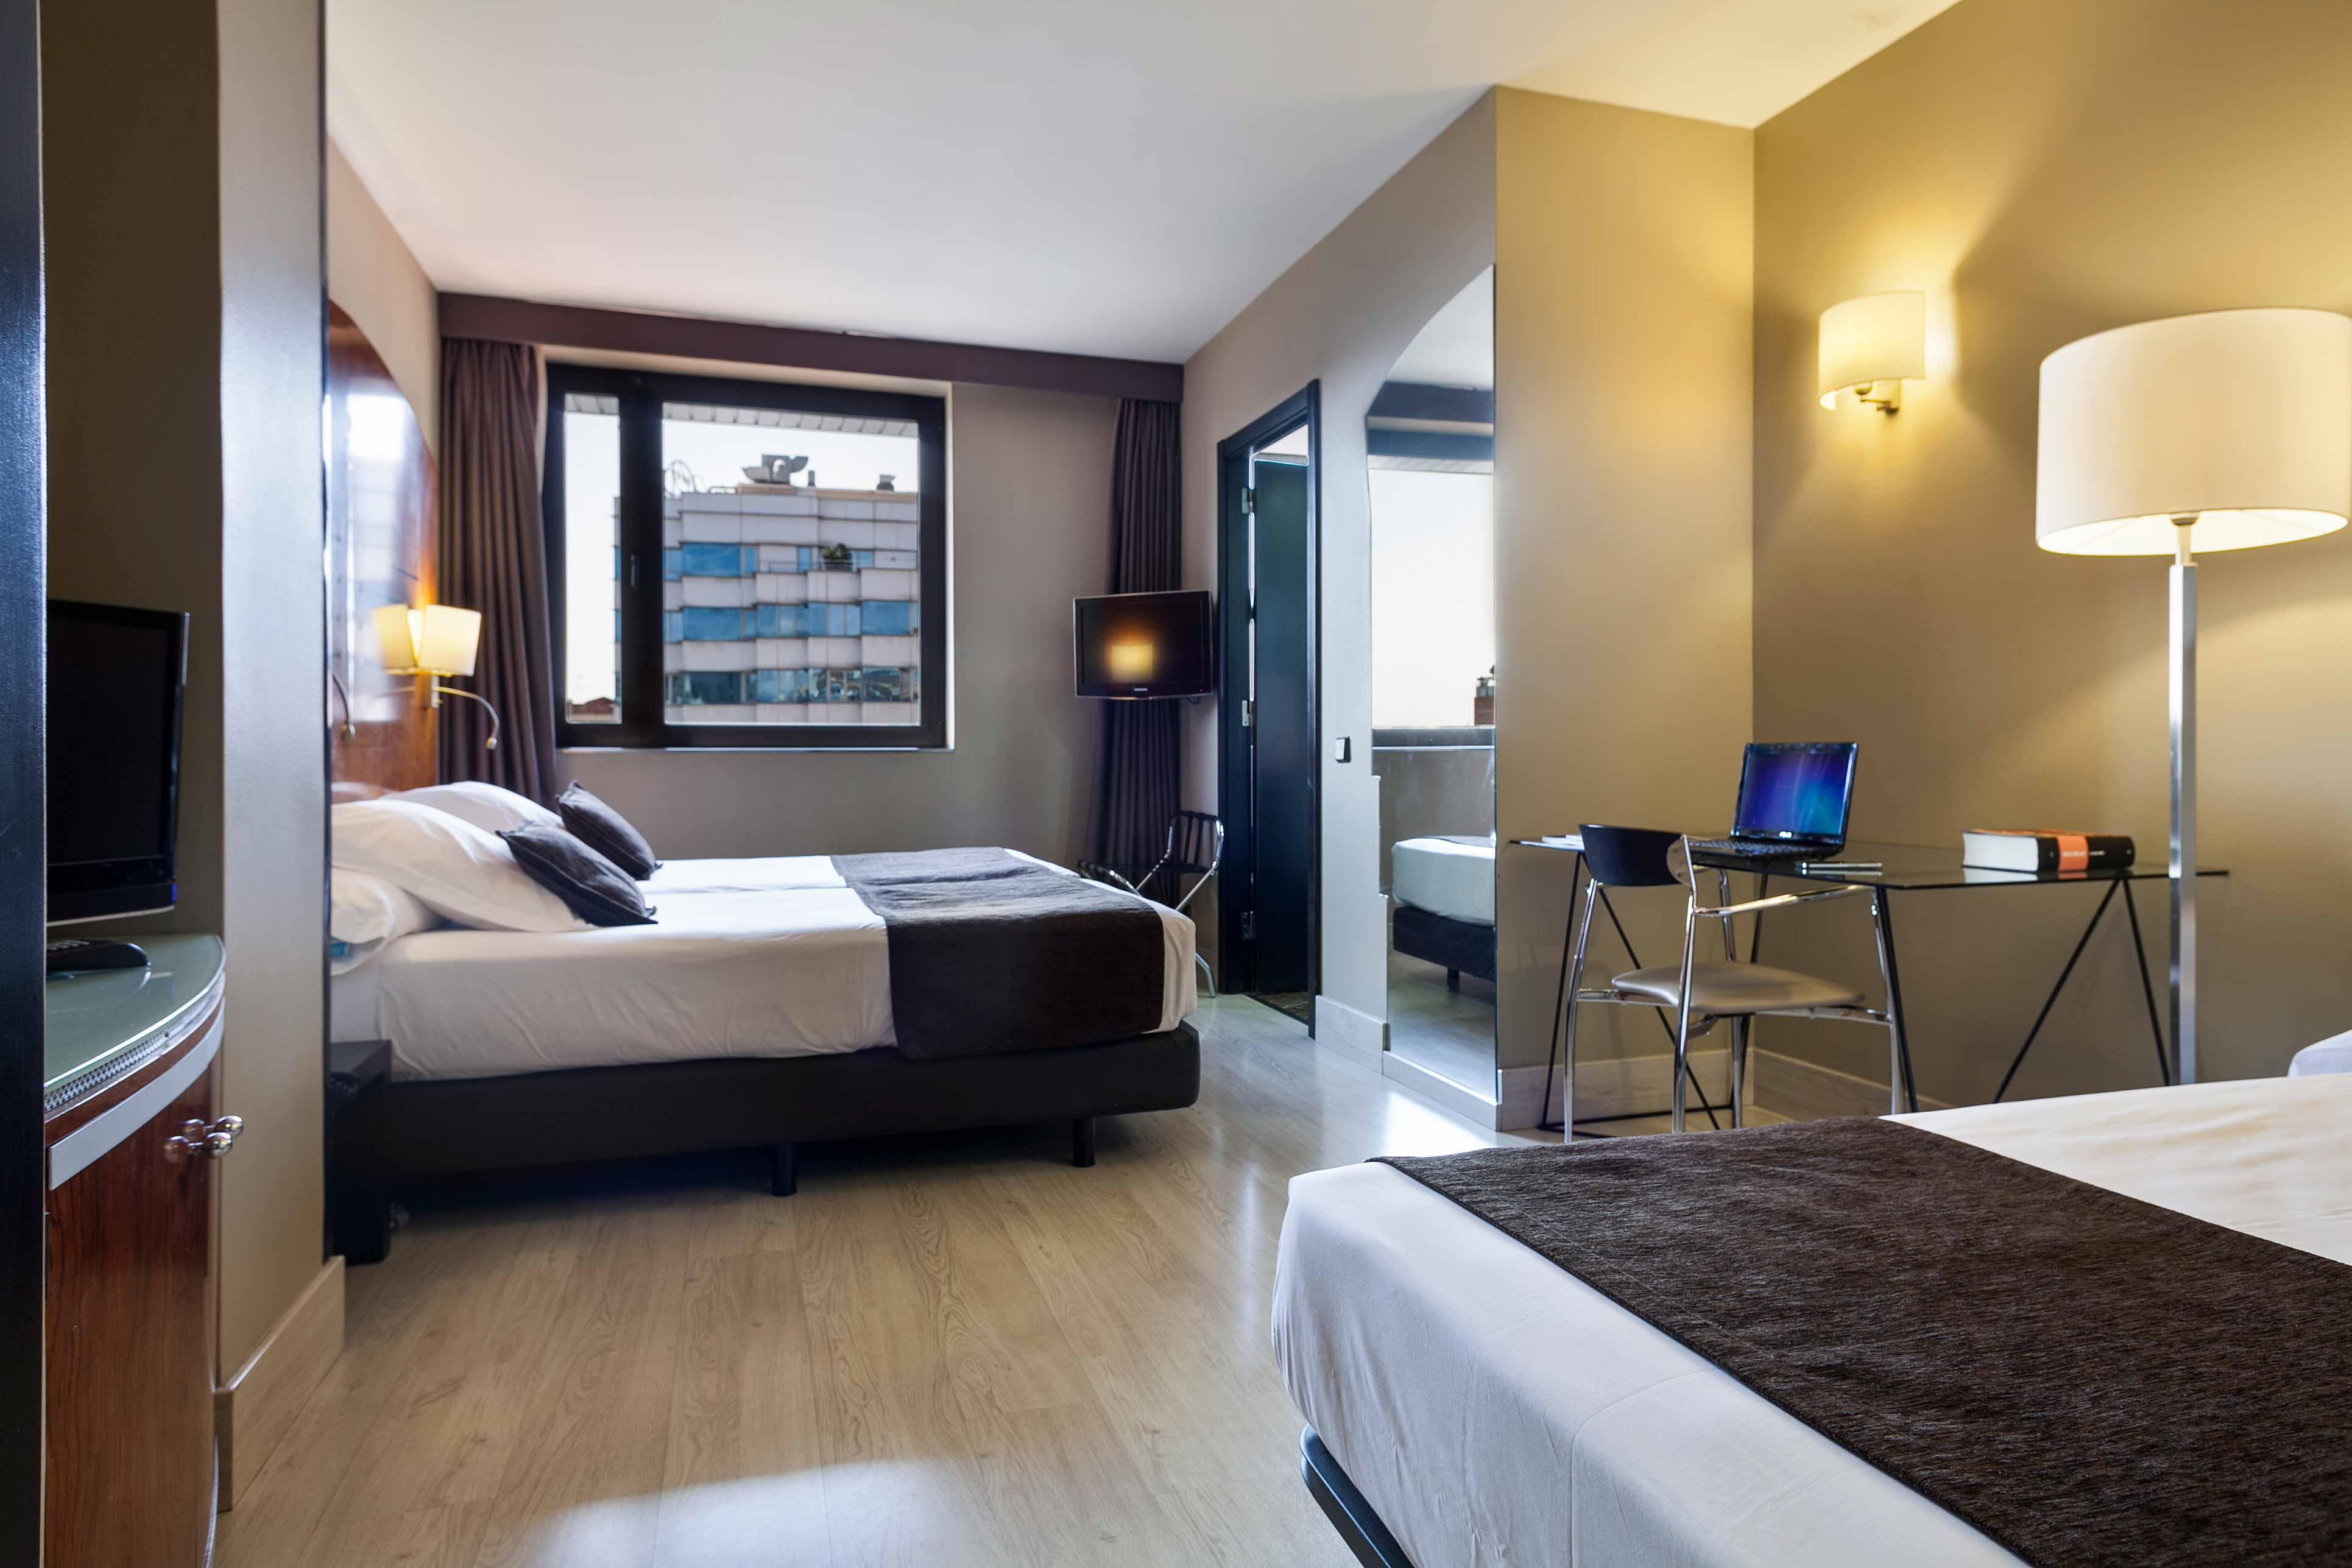 Una habitacion de hotel una silla y una gorda para follar gui00351 - 3 8